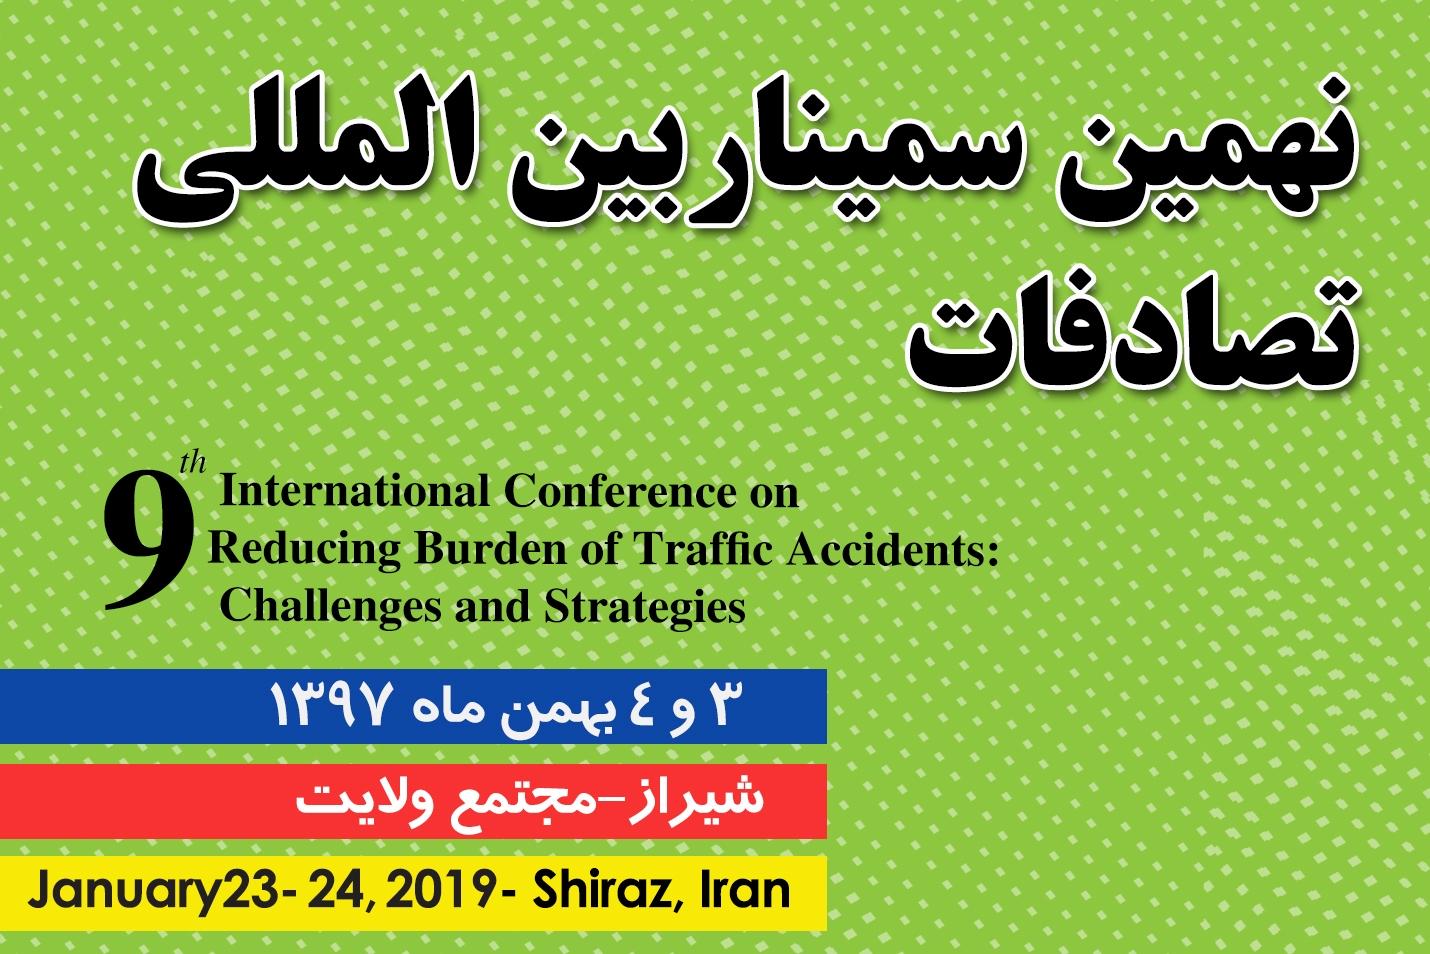 آغاز همایش بین المللی کاهش سوانح ترافیکی در شیراز